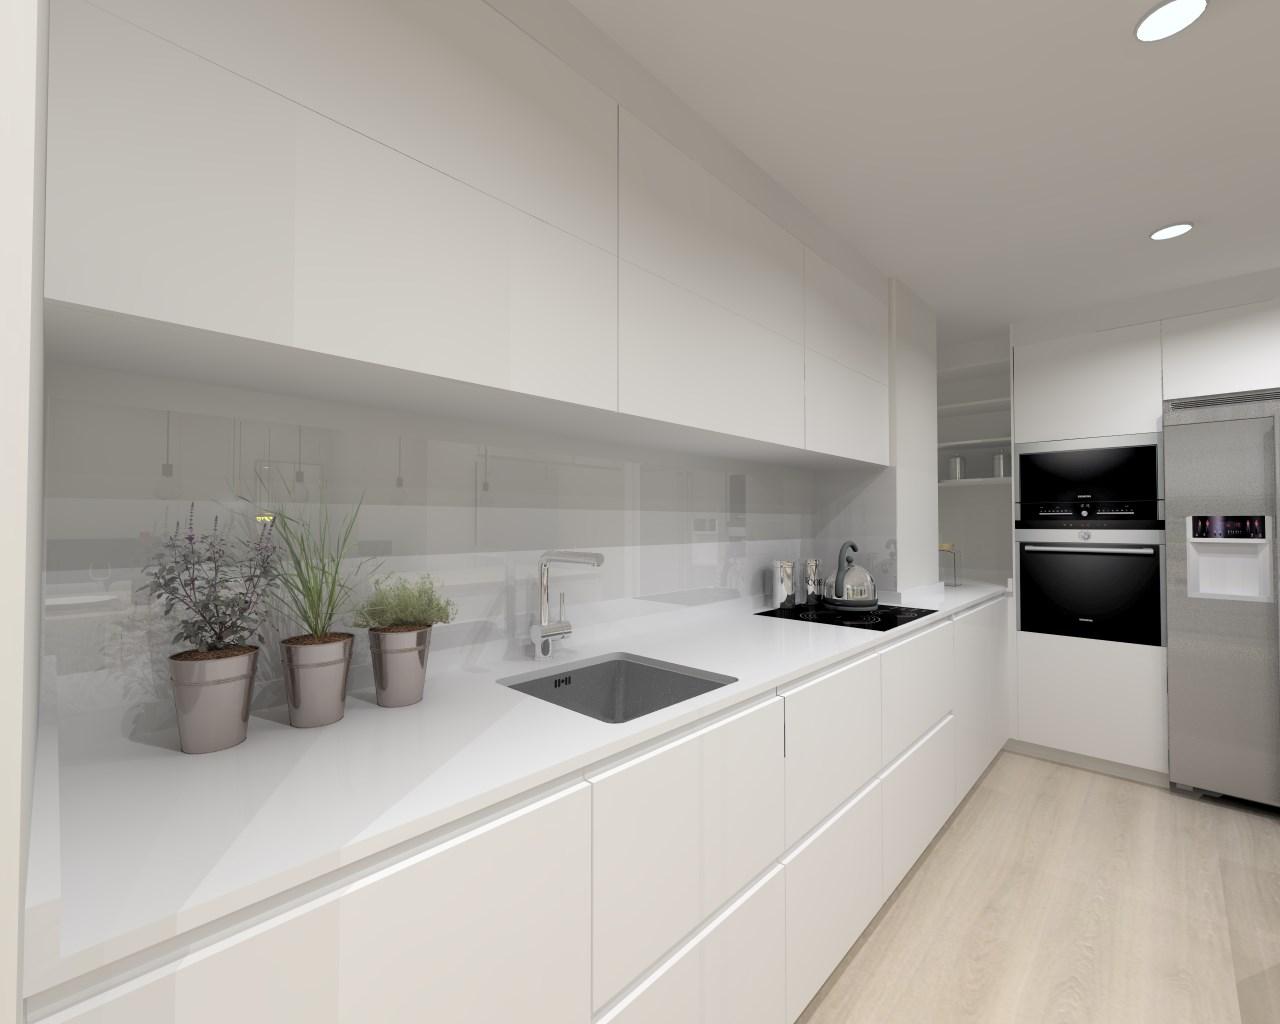 Lenguaje rectangular en una cocina docrys cocinas - Docrys cocinas ...